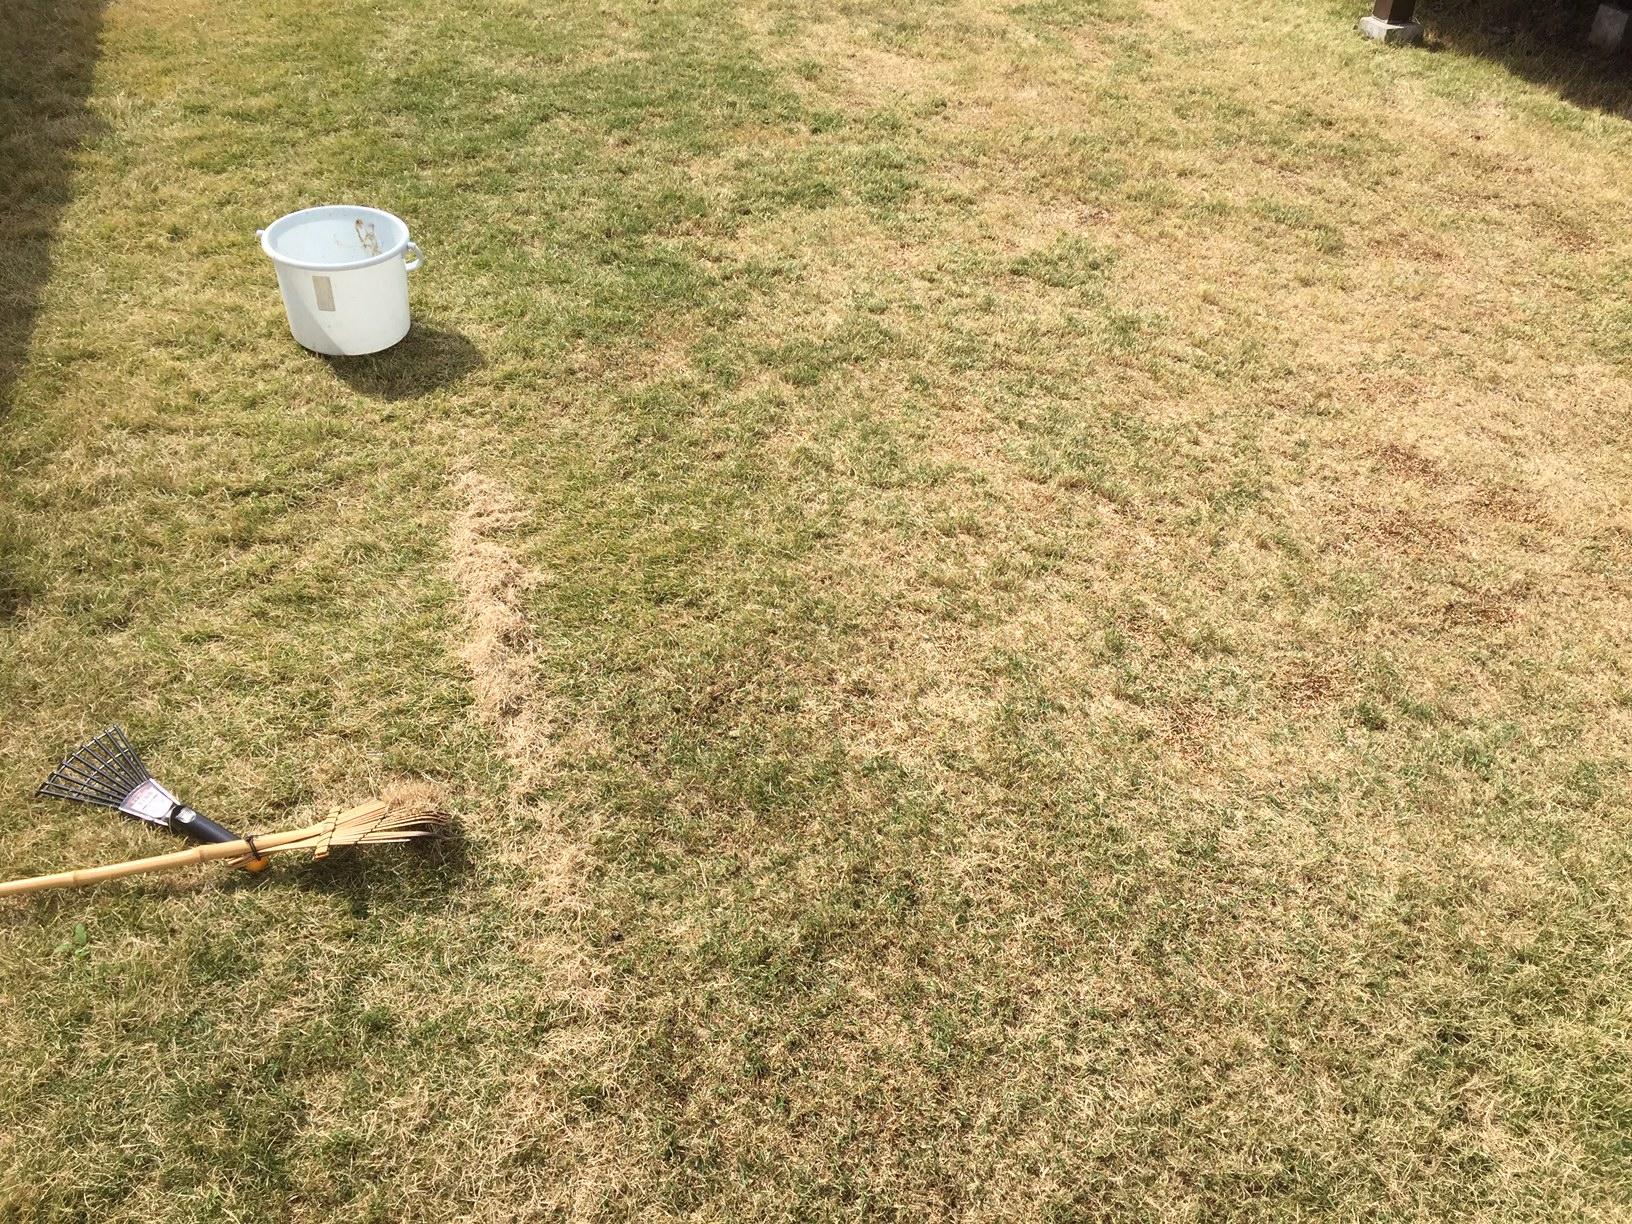 2020.05.05 芝生の状況(芝掃除)